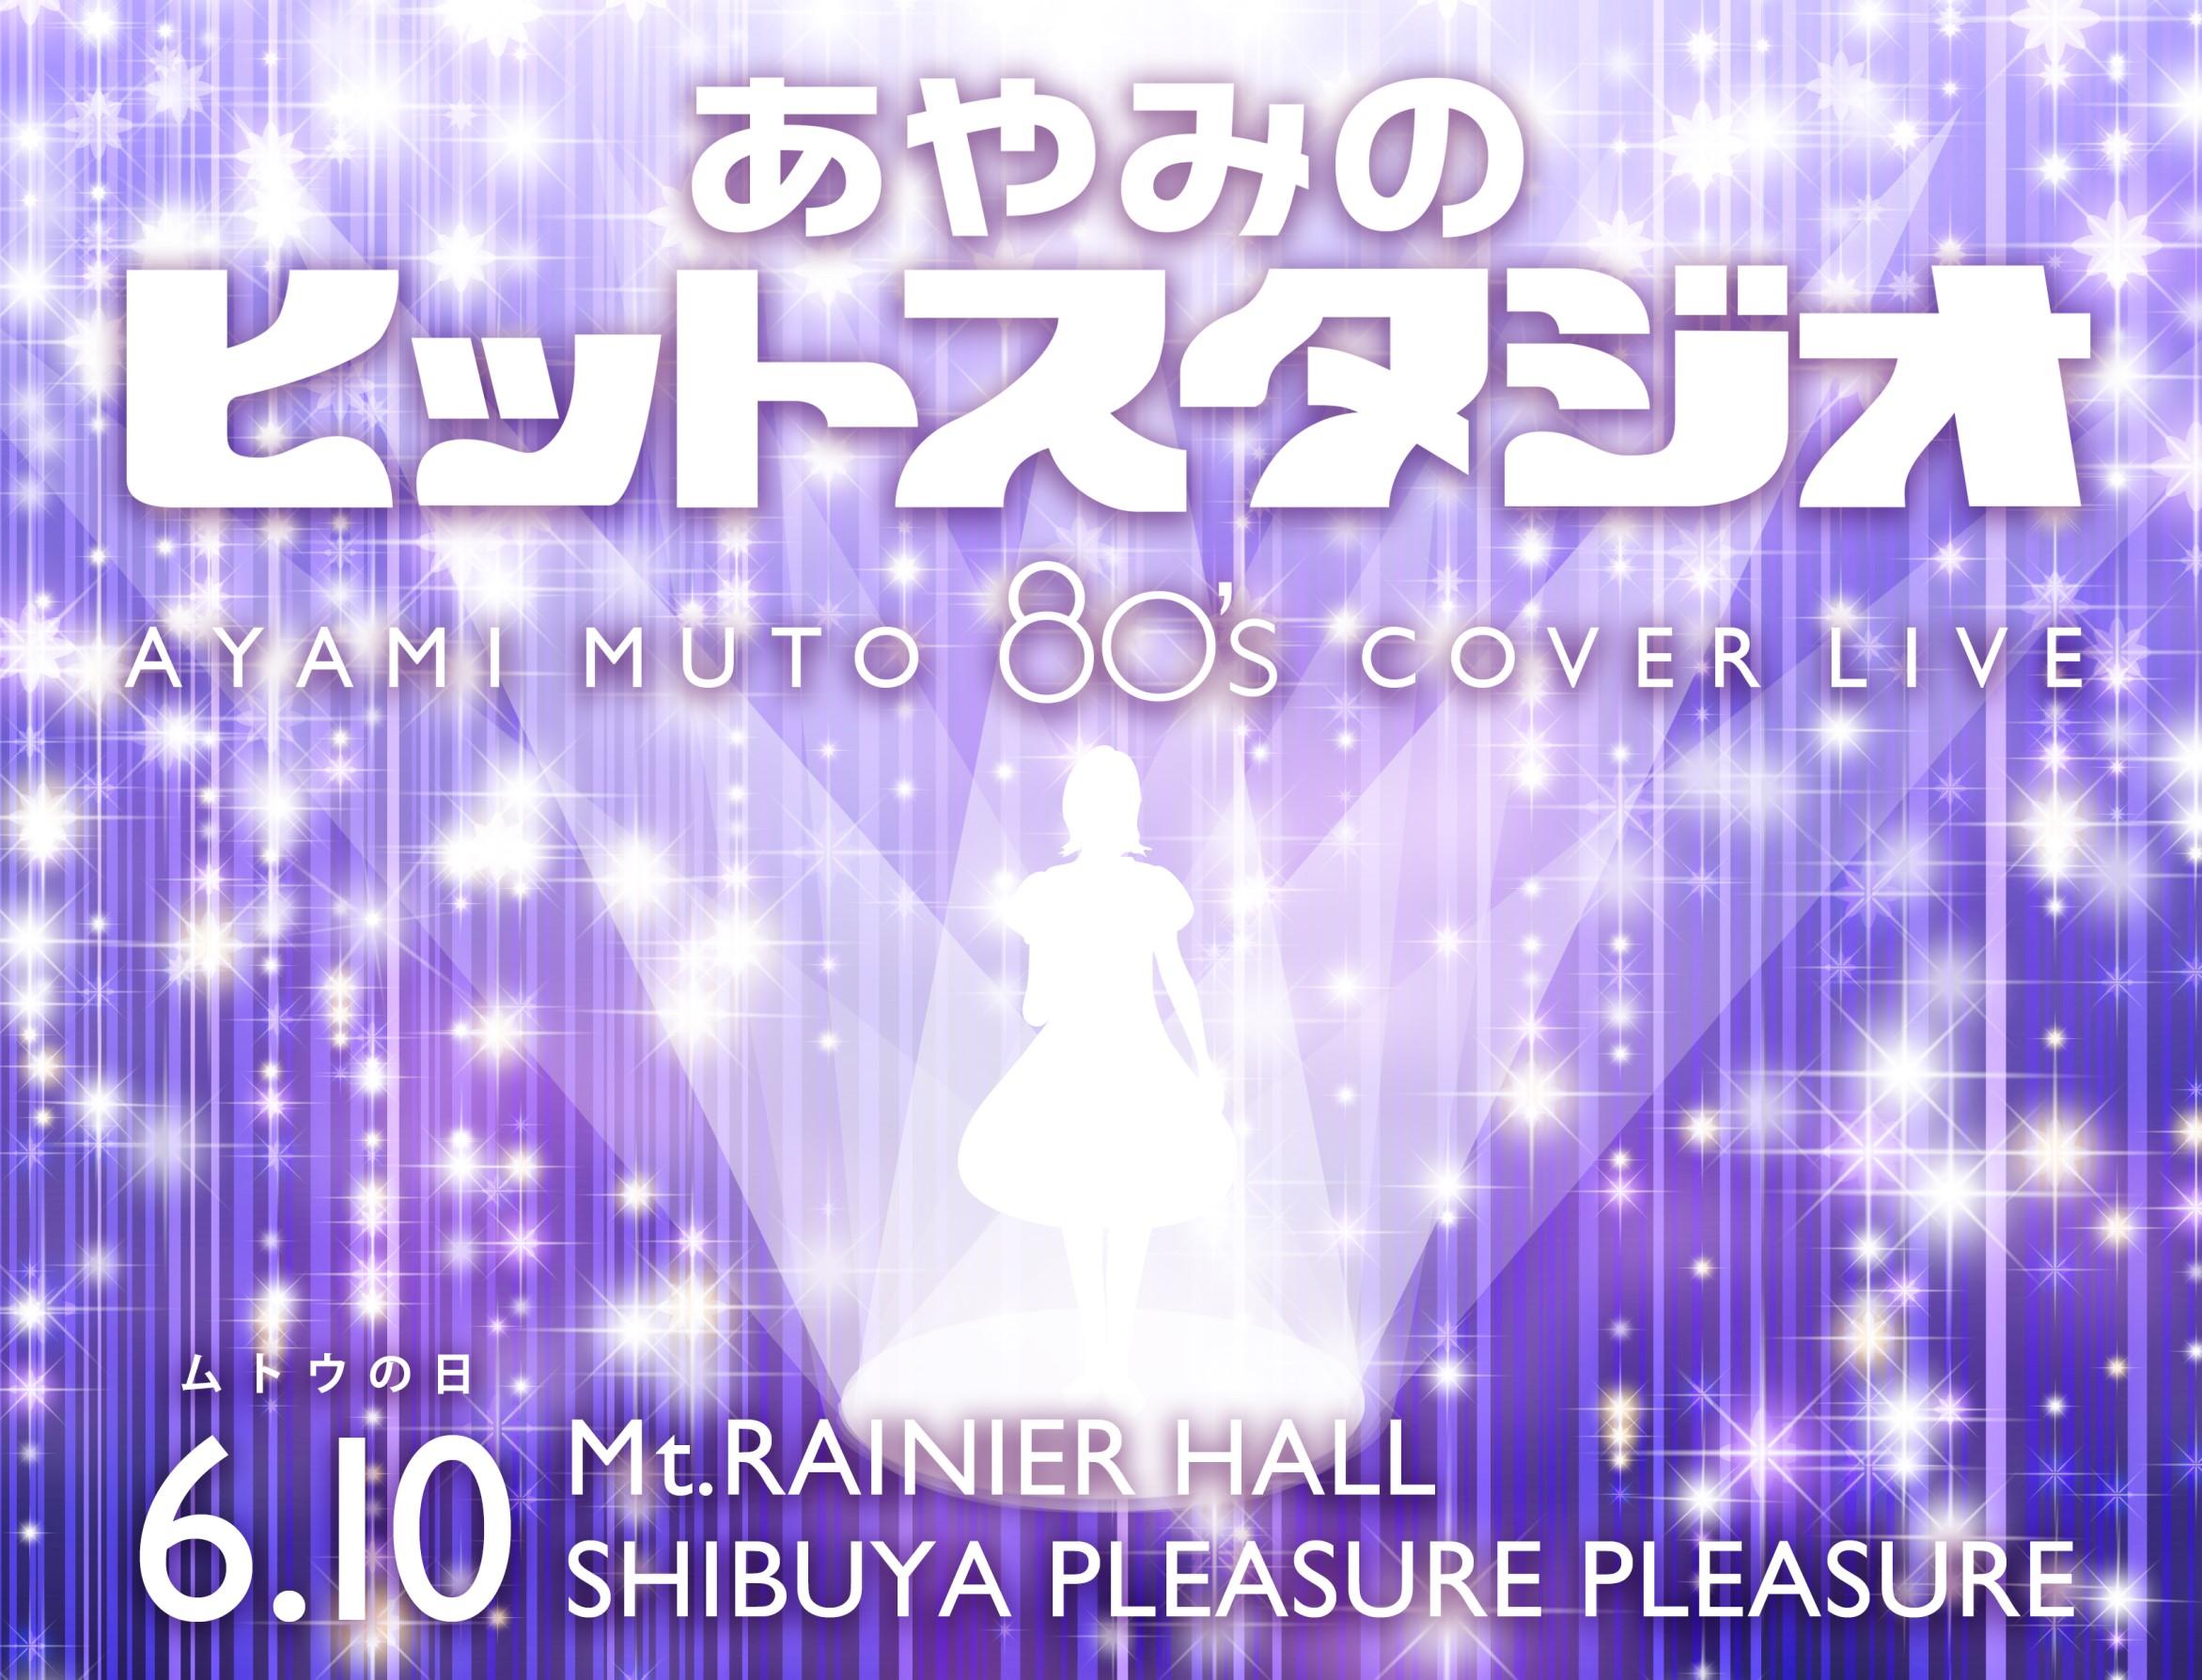 武藤彩未 80's cover Live 〜あやみのヒットスタジオ〜